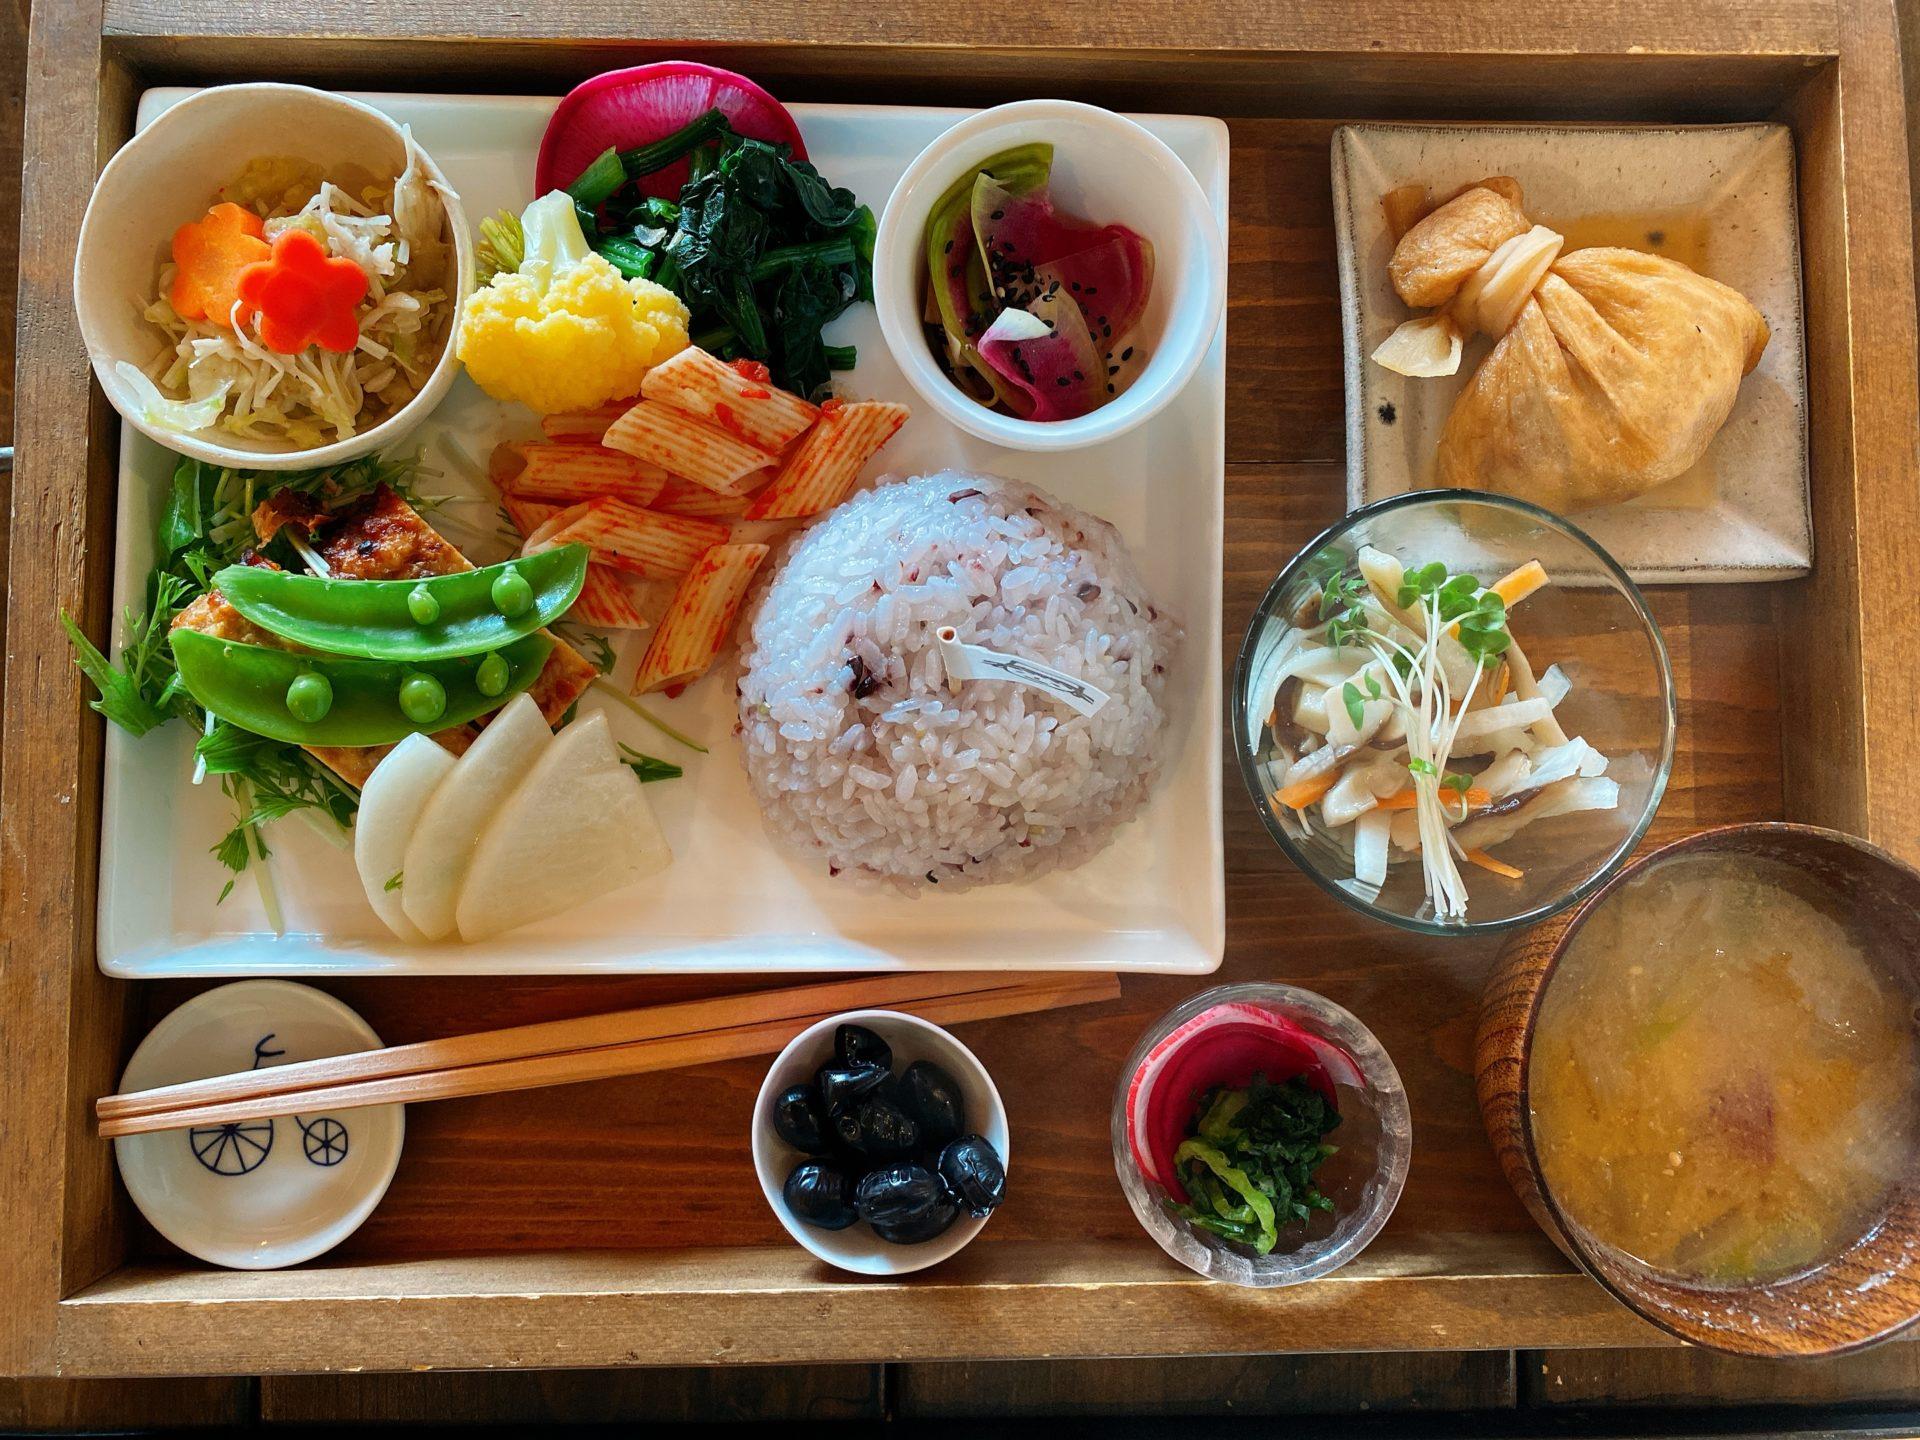 岡山市南区藤田 隠れ家カフェ ののさま*あん という古民家の店が想像以上にいい!野菜中心の「おとな様ランチ」が大好評!